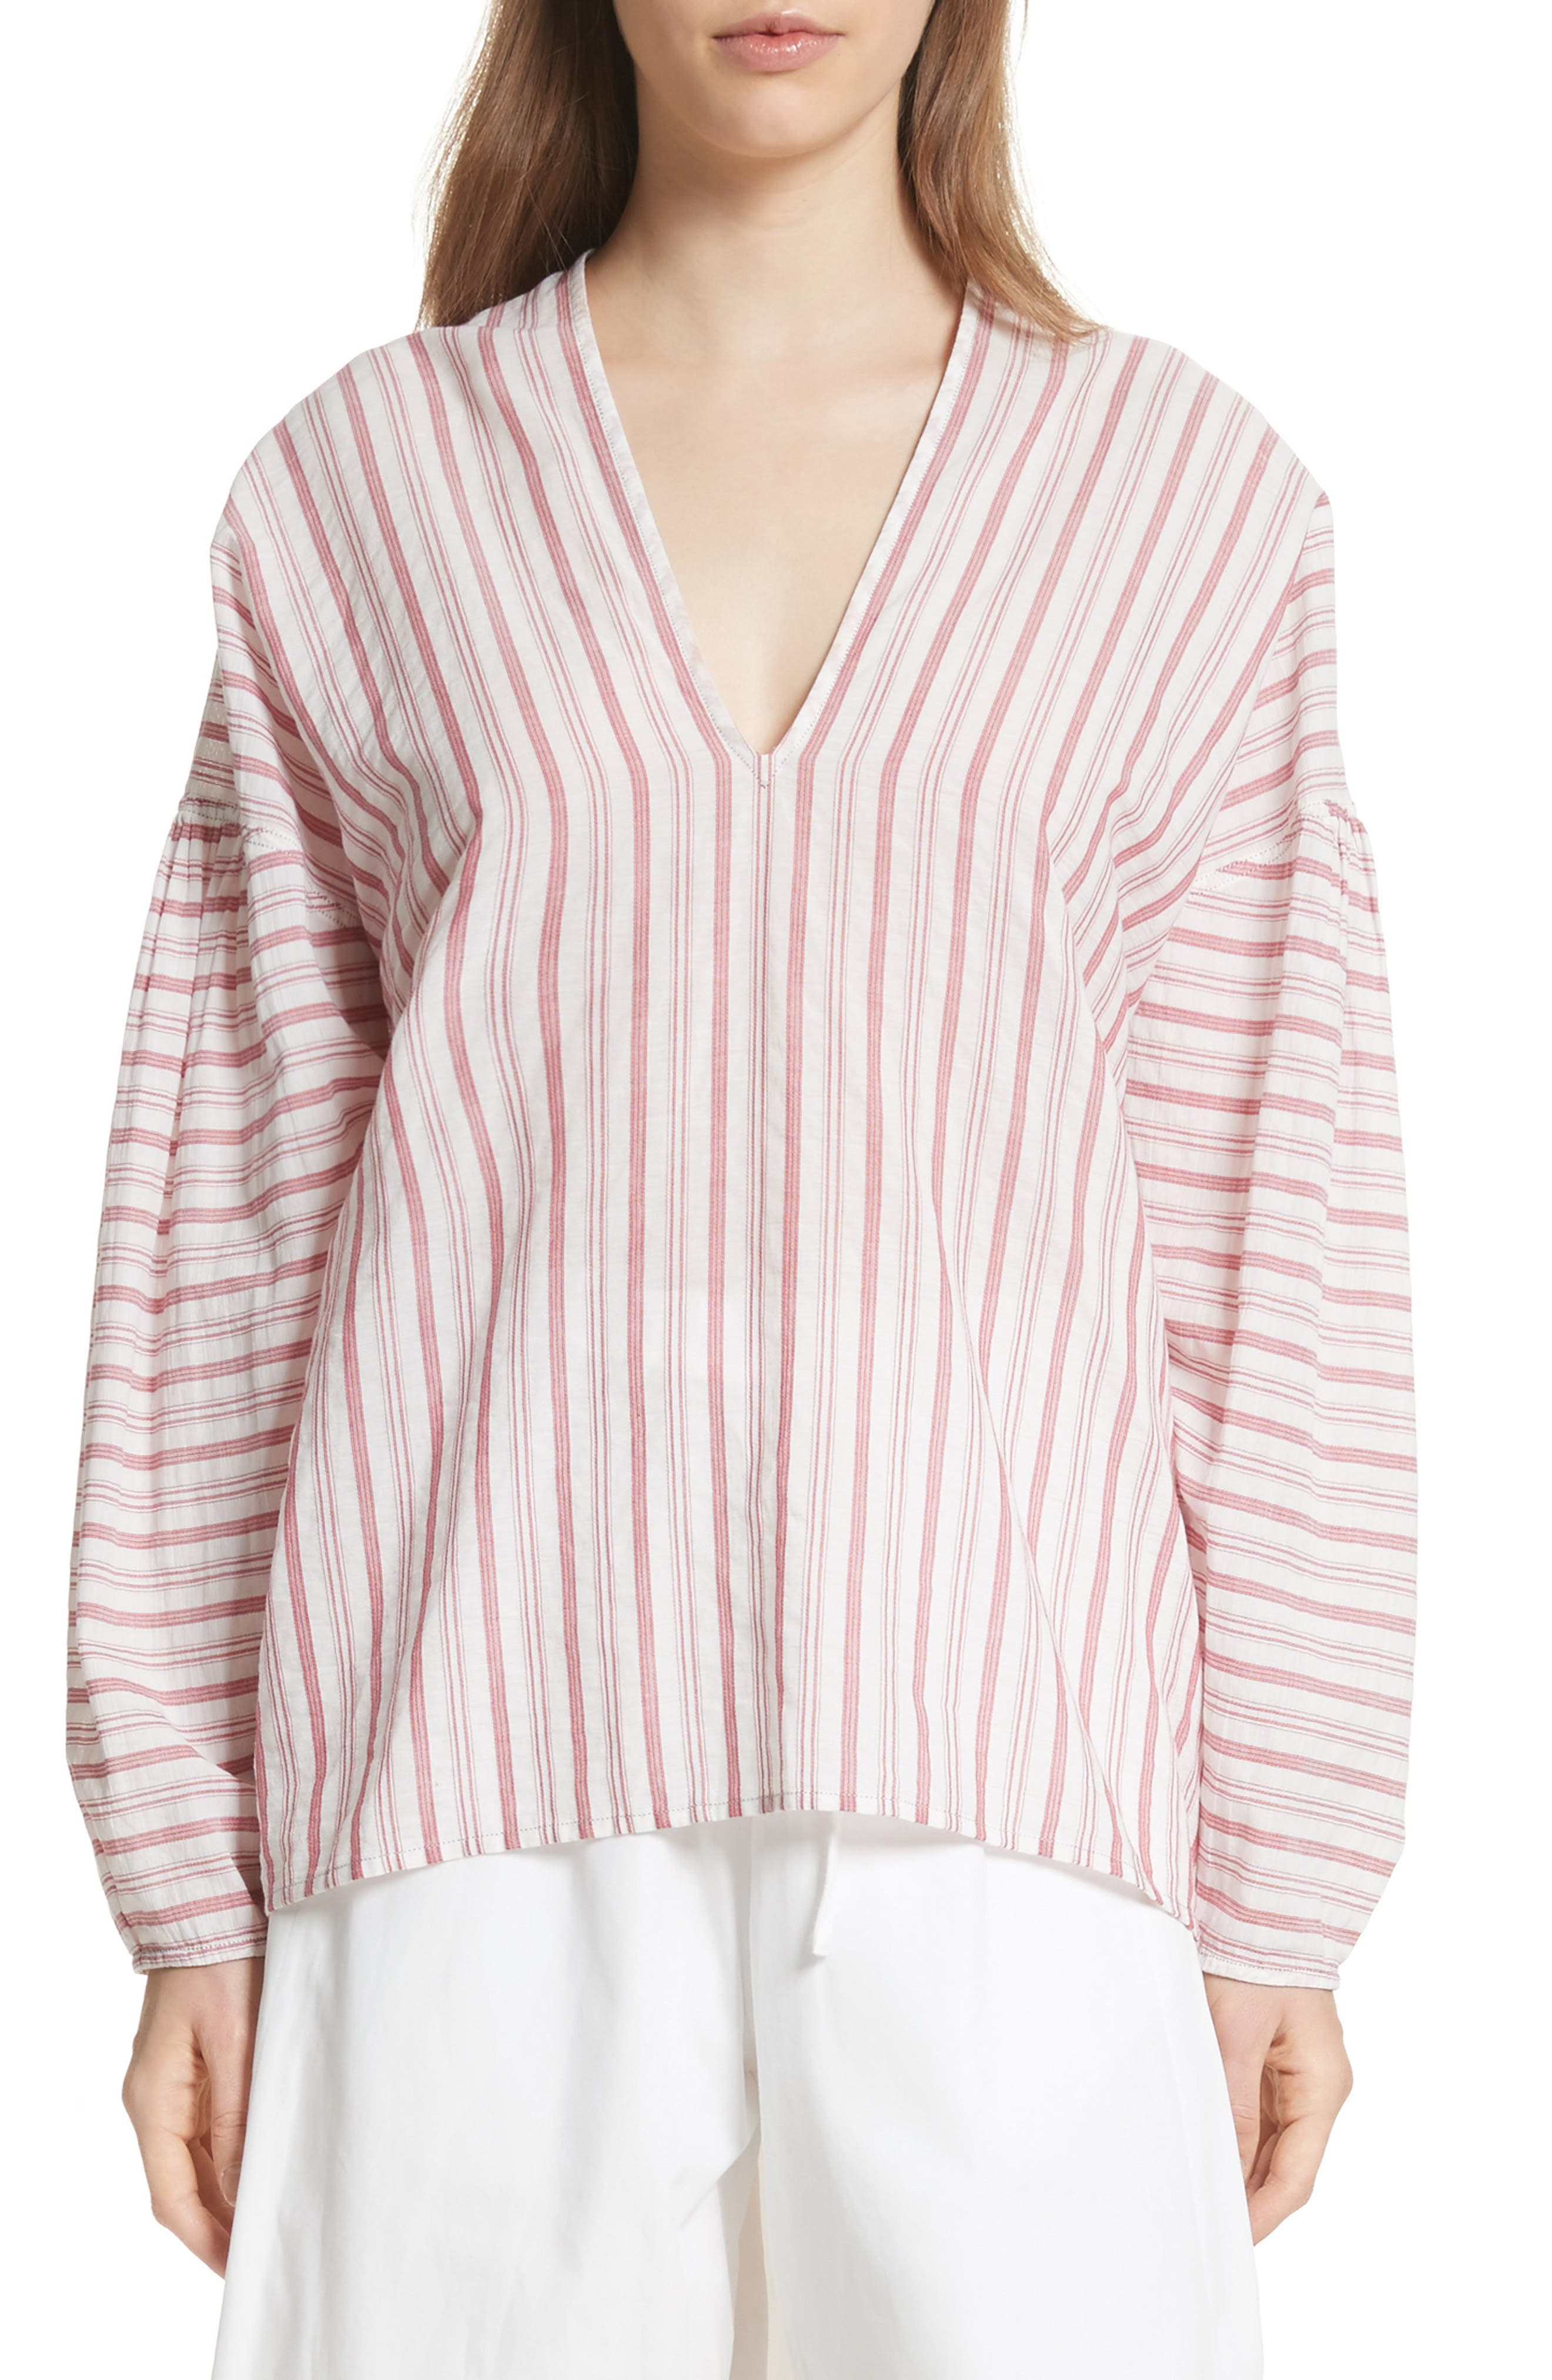 Stripe Cotton Top,                         Main,                         color, Off White/ Poppy